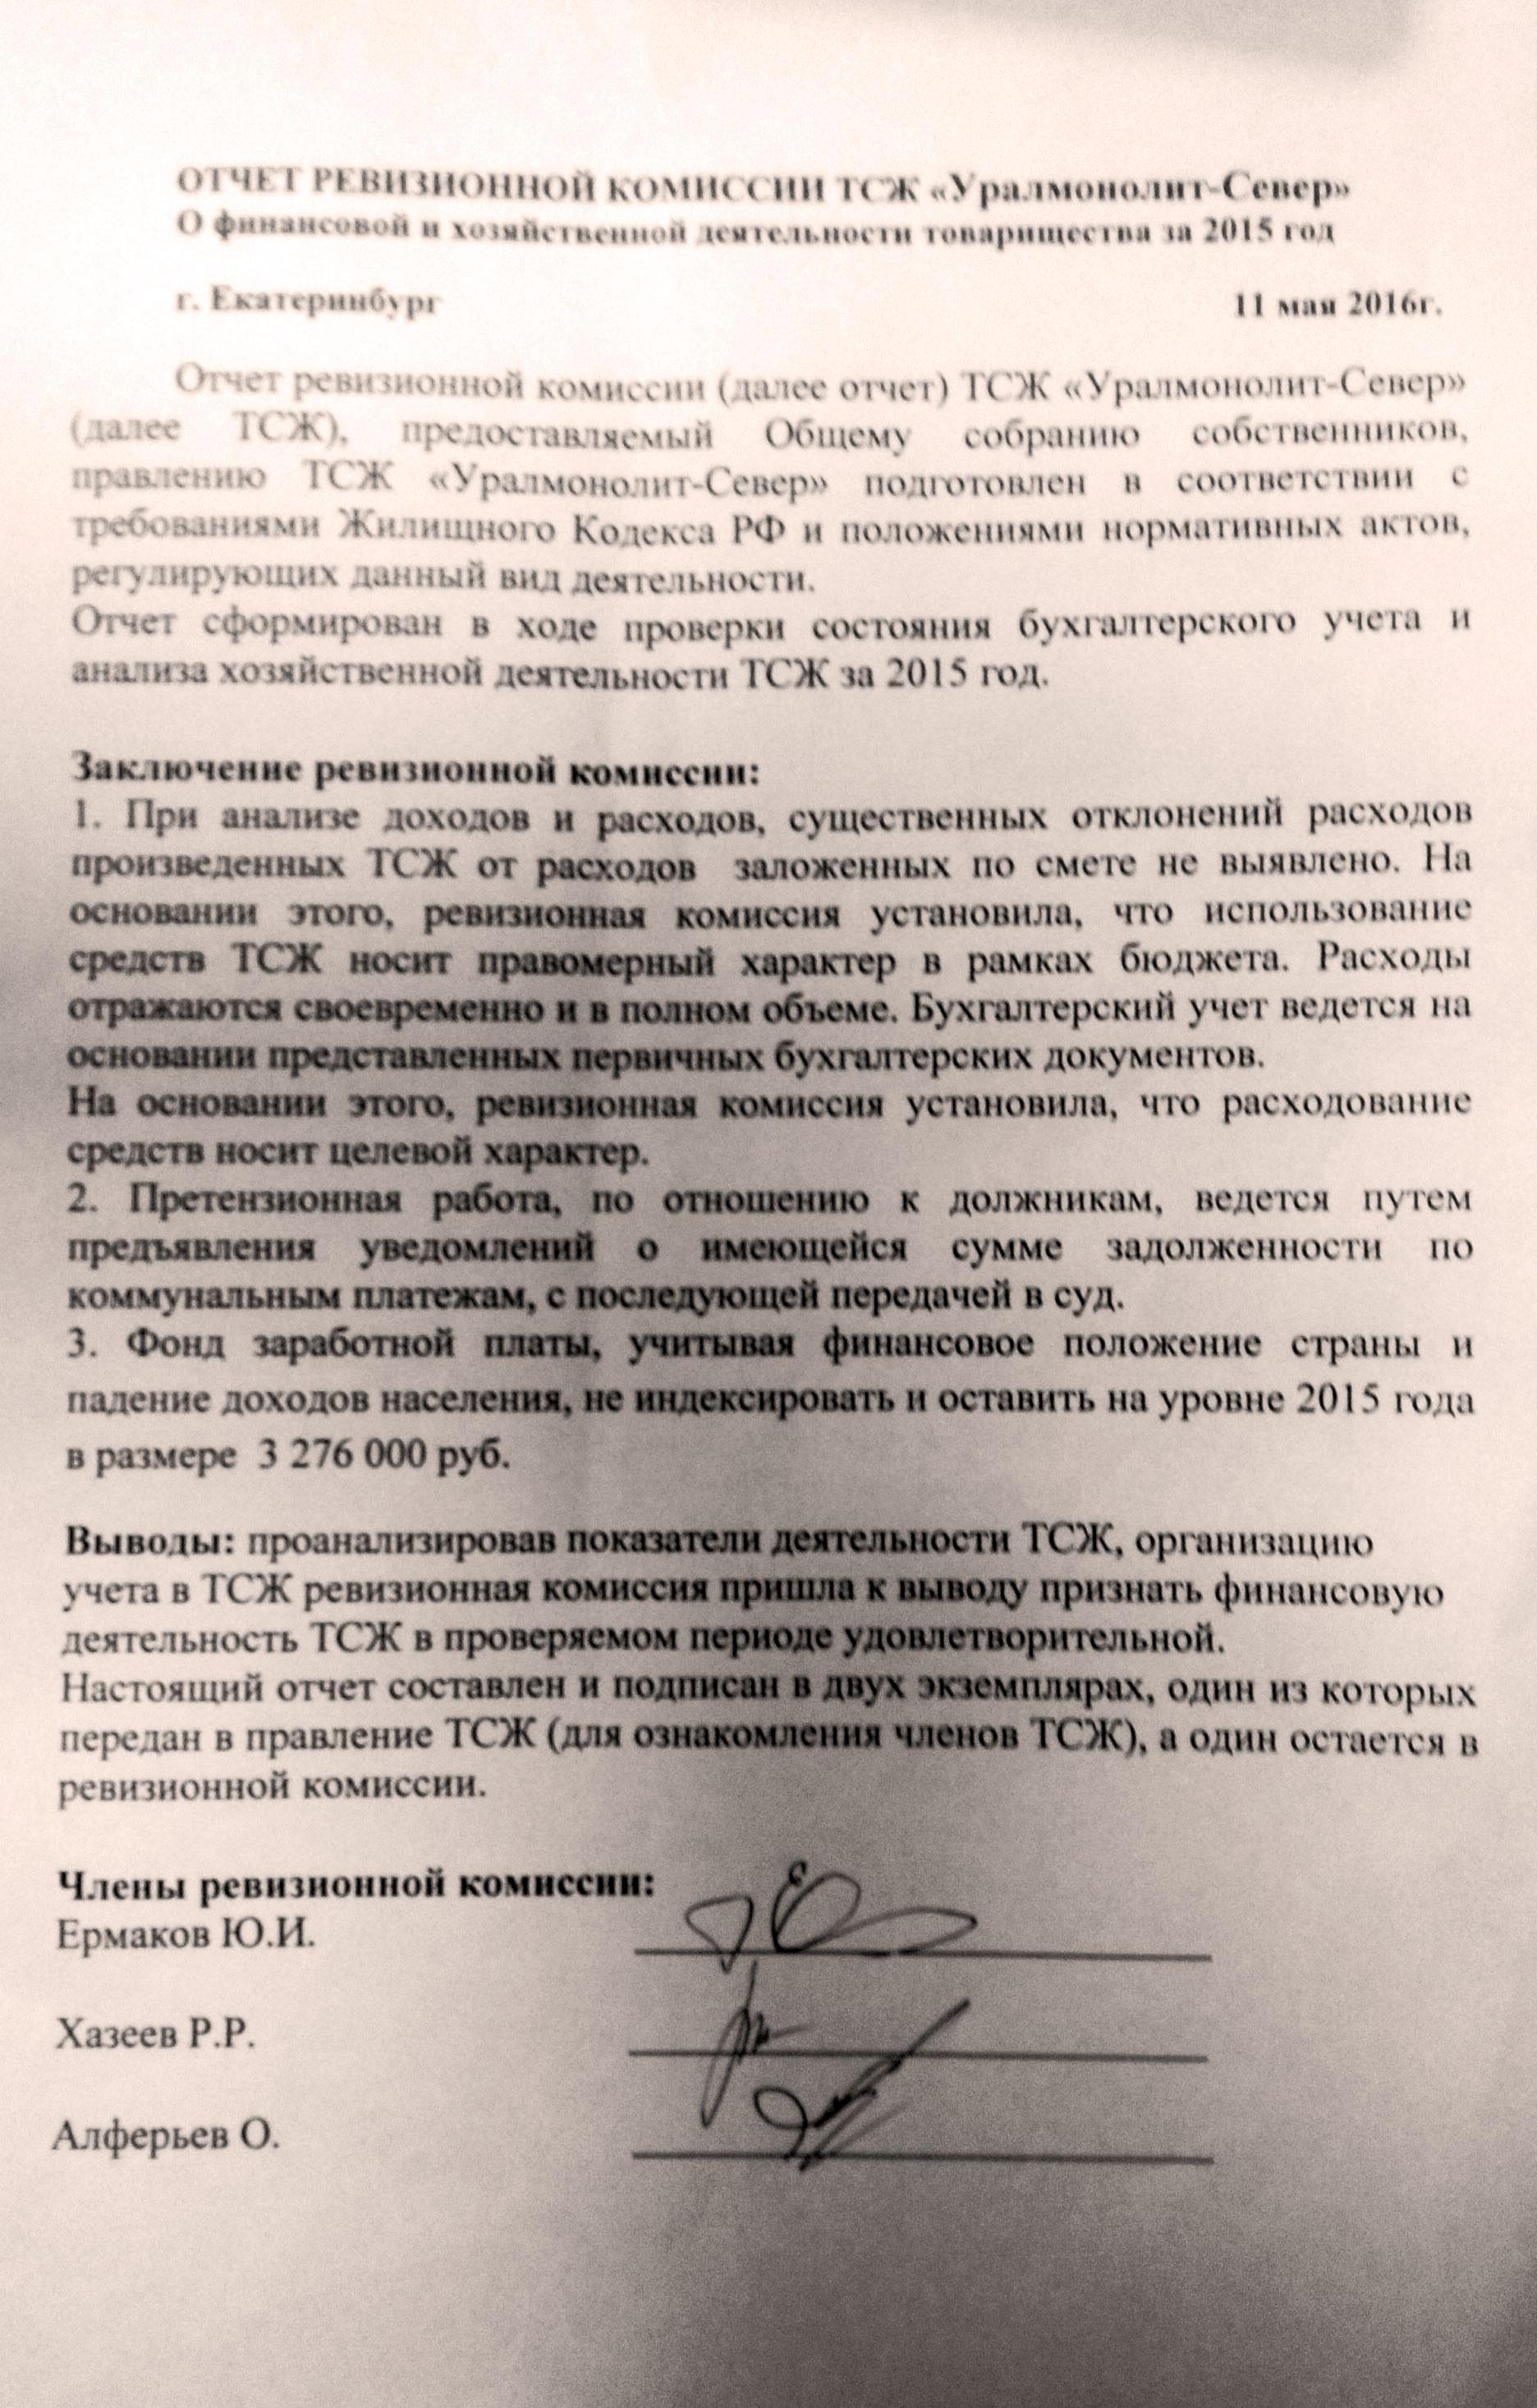 Заключение ревизионной комиссии ооо предоставляемое в суд